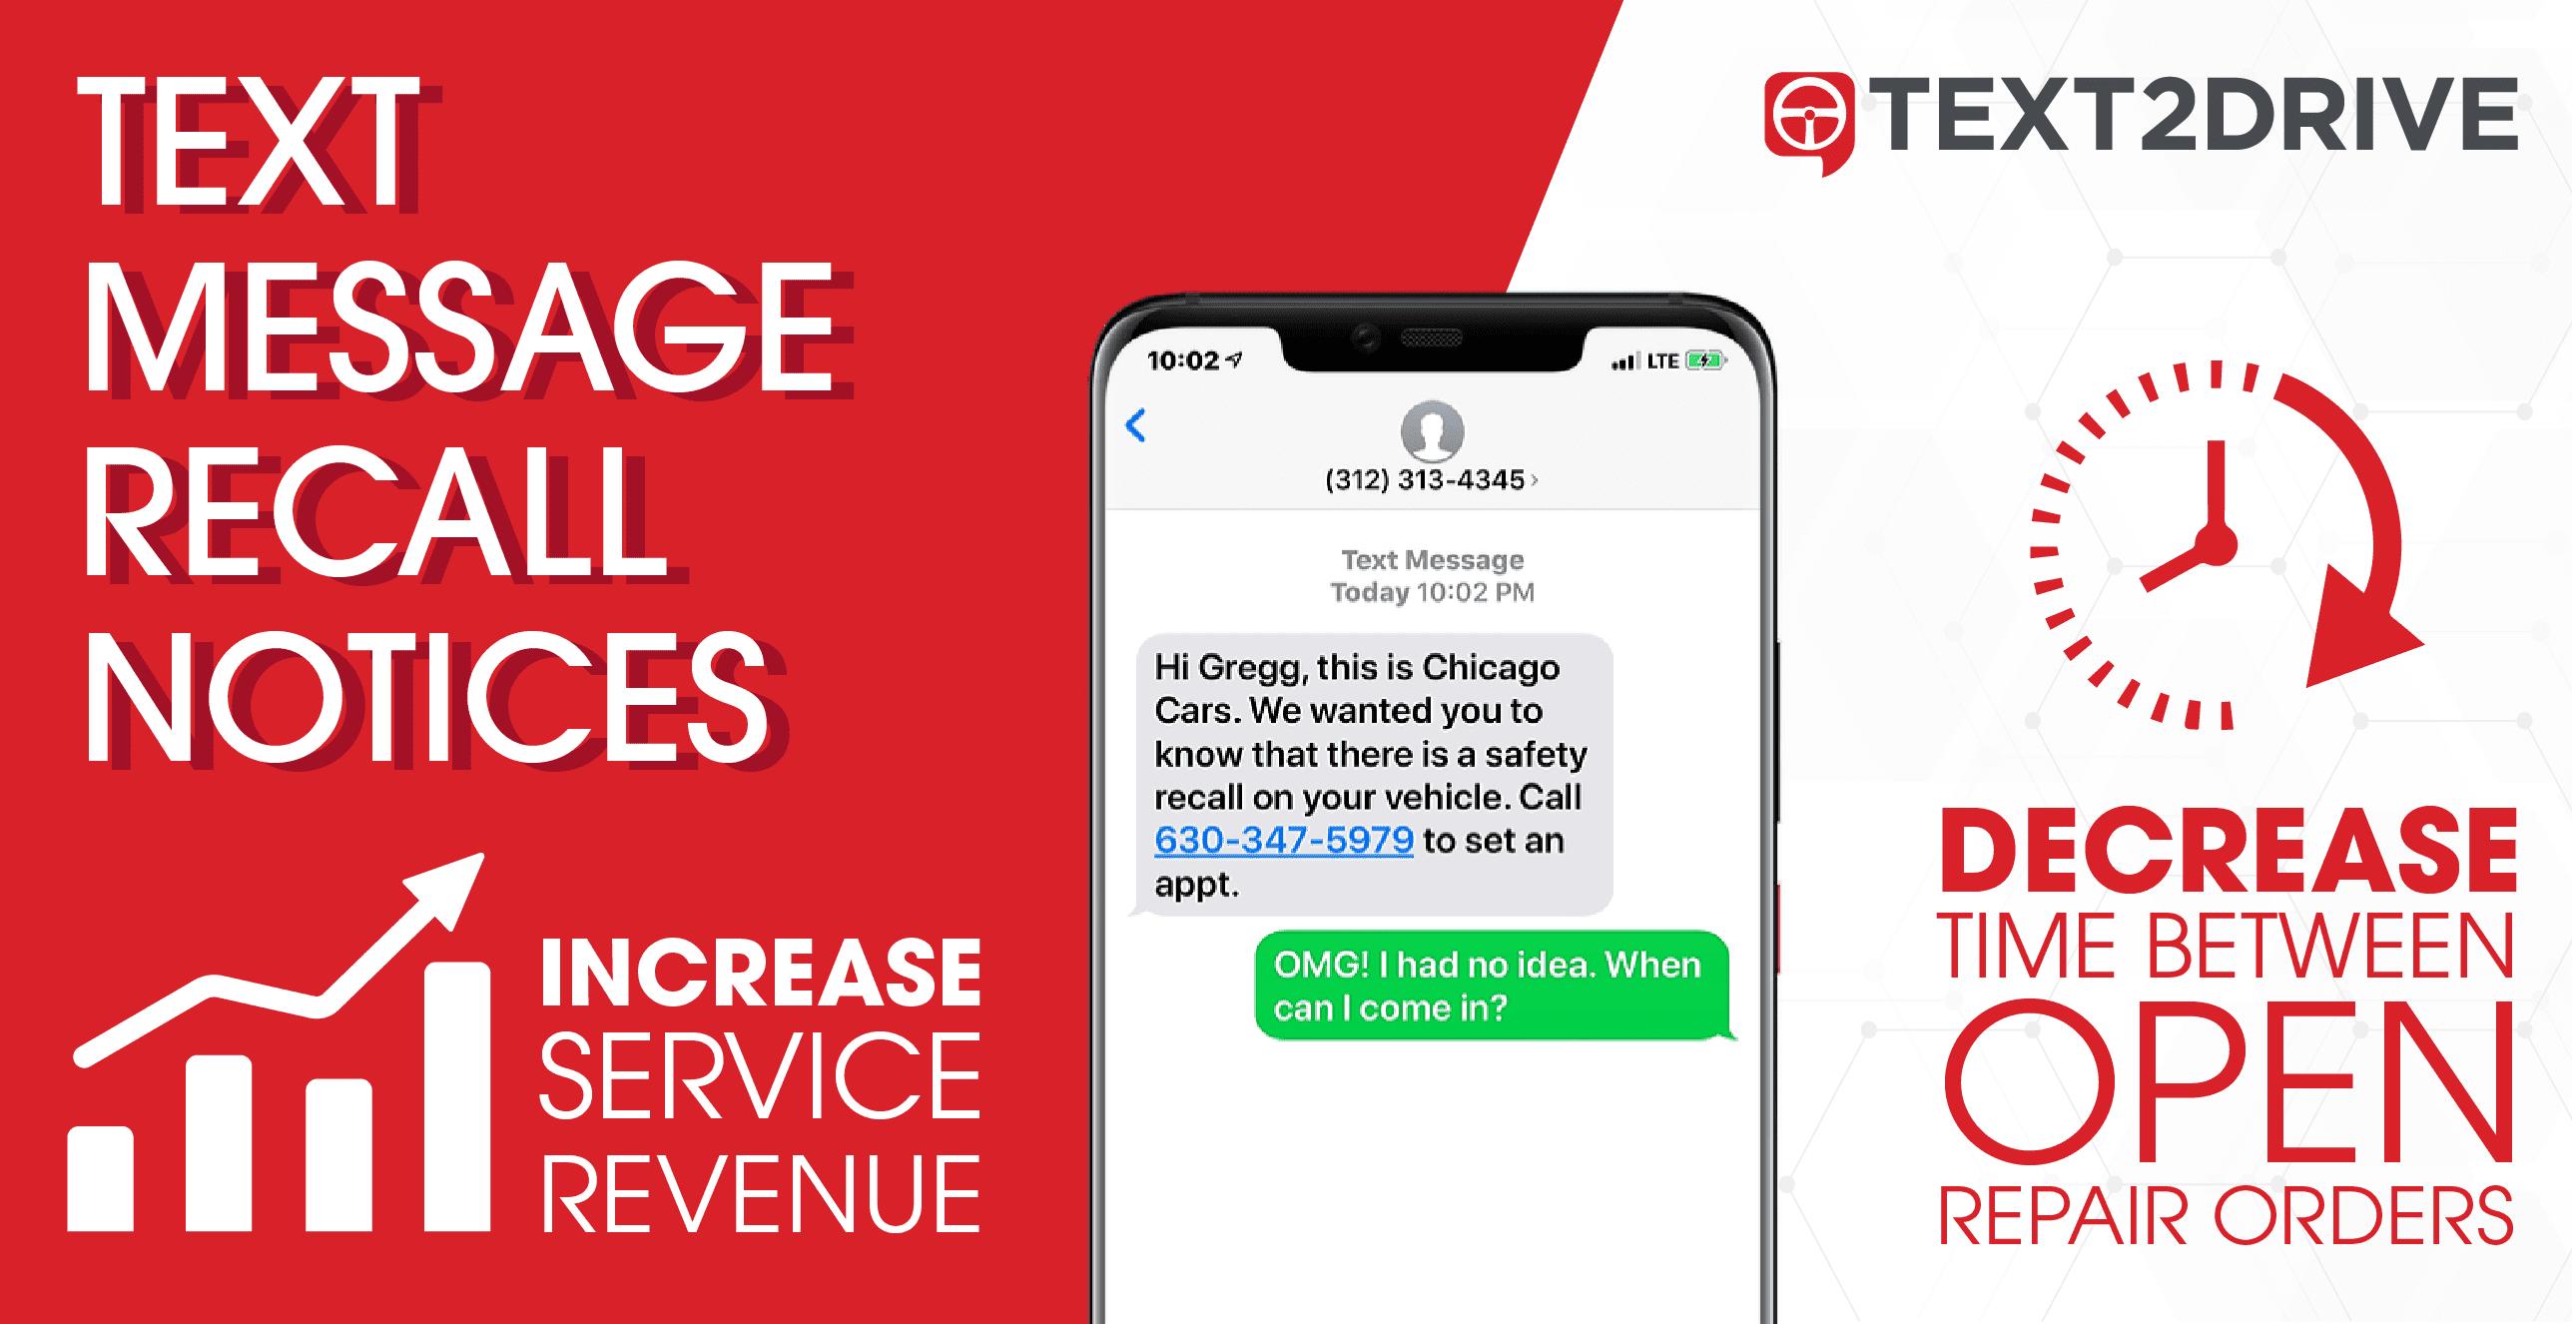 Los avisos de recuperación de mensajes de texto aumentan los ingresos del servicio disminuyen el tiempo entre las RO abiertas